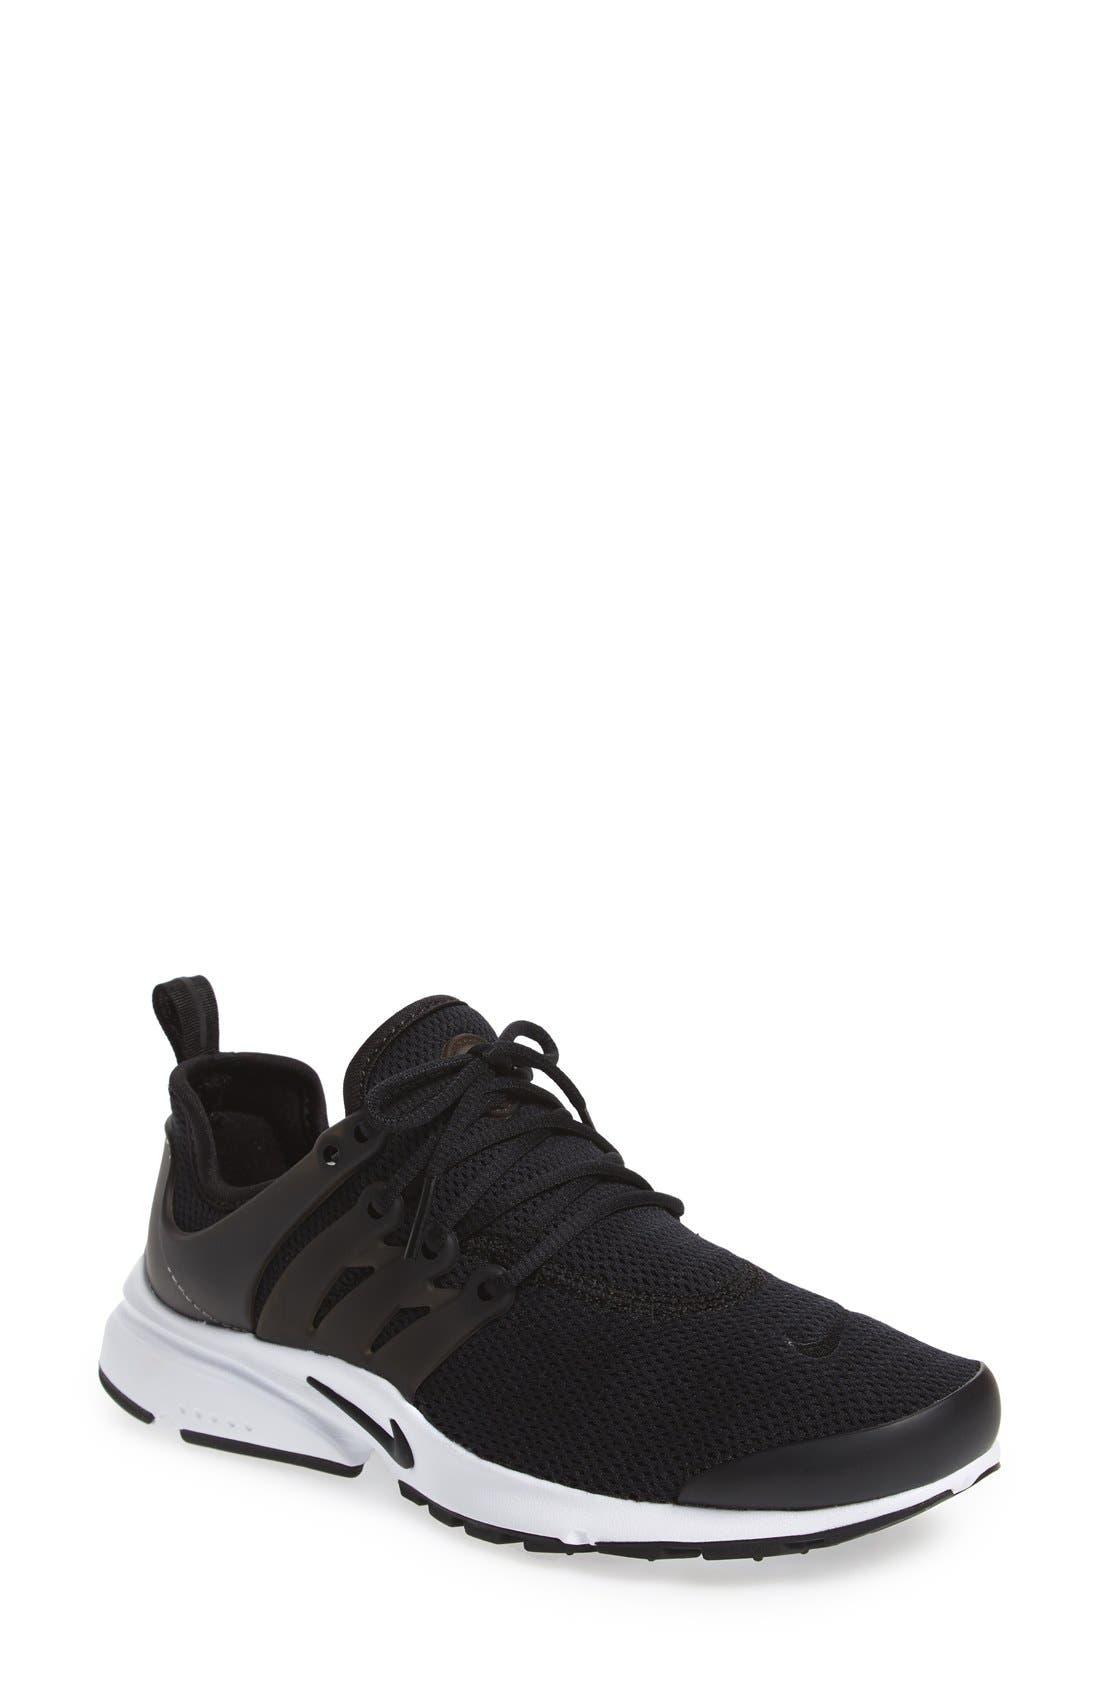 Nike Presto Sneaker Ebay Air Yeezy 2 cd5b0c48e3be